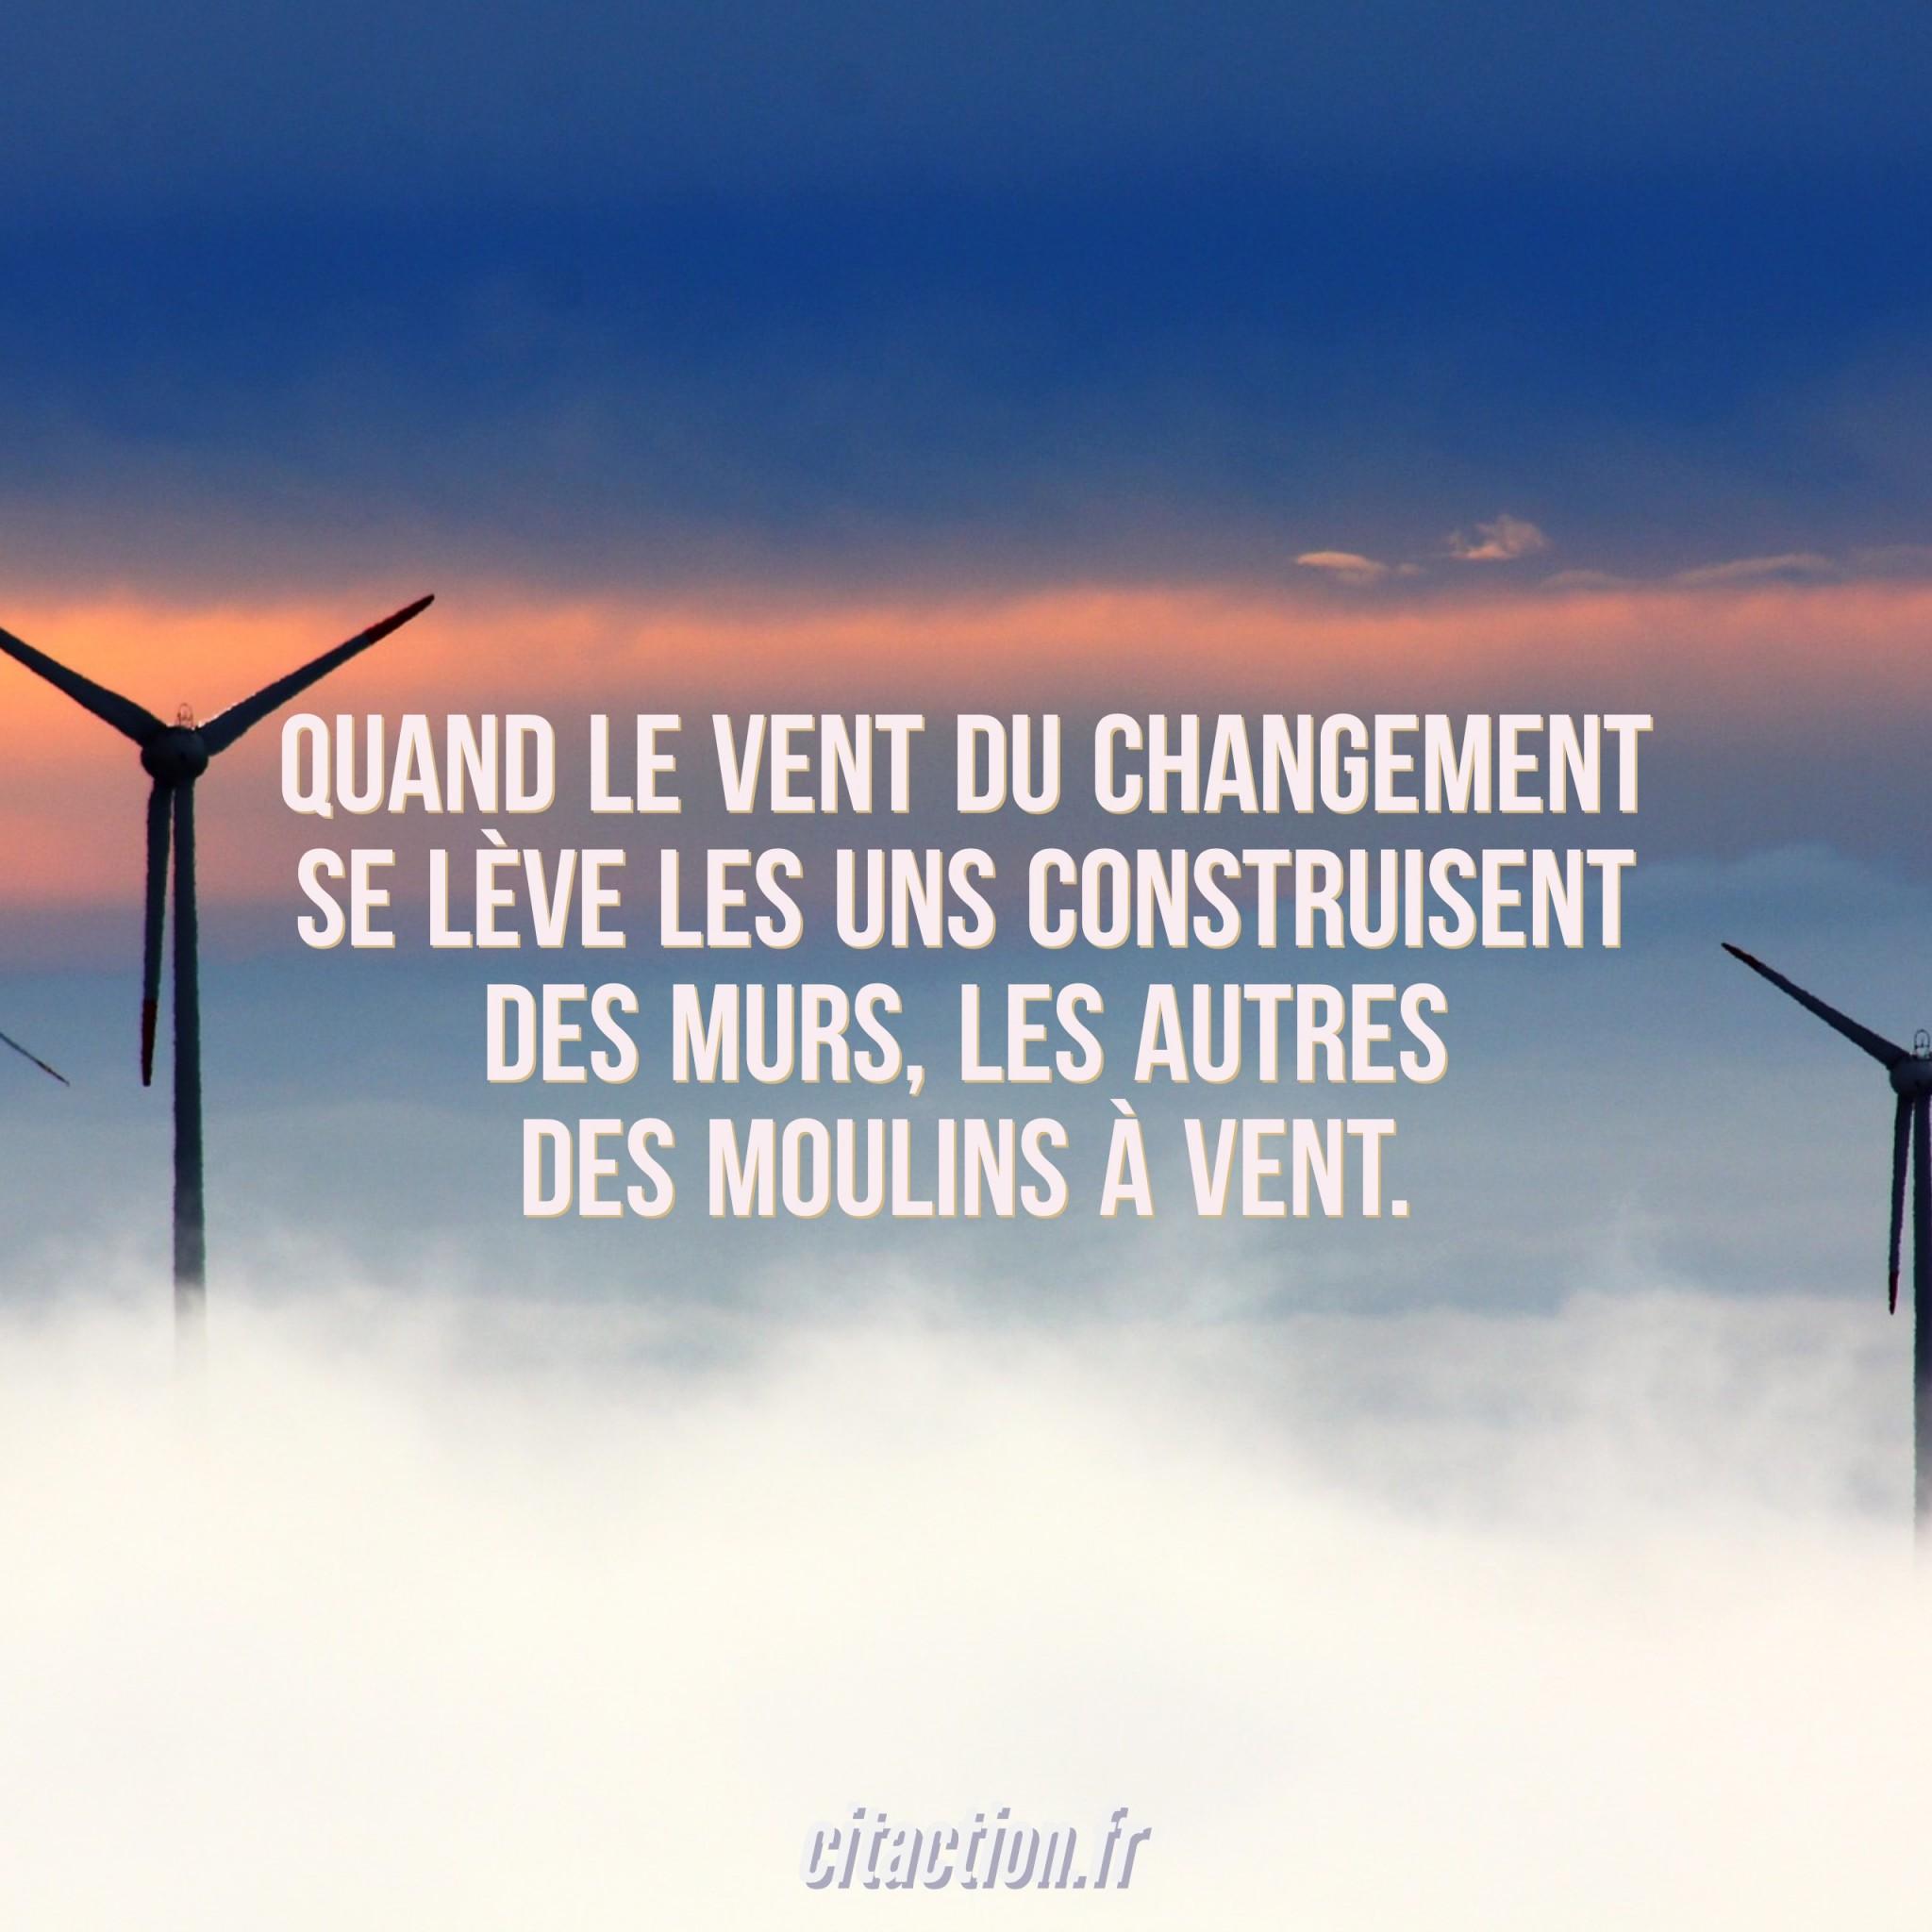 Quand le vent du changement se lève les uns construisent des murs, les autres des moulins à vent.